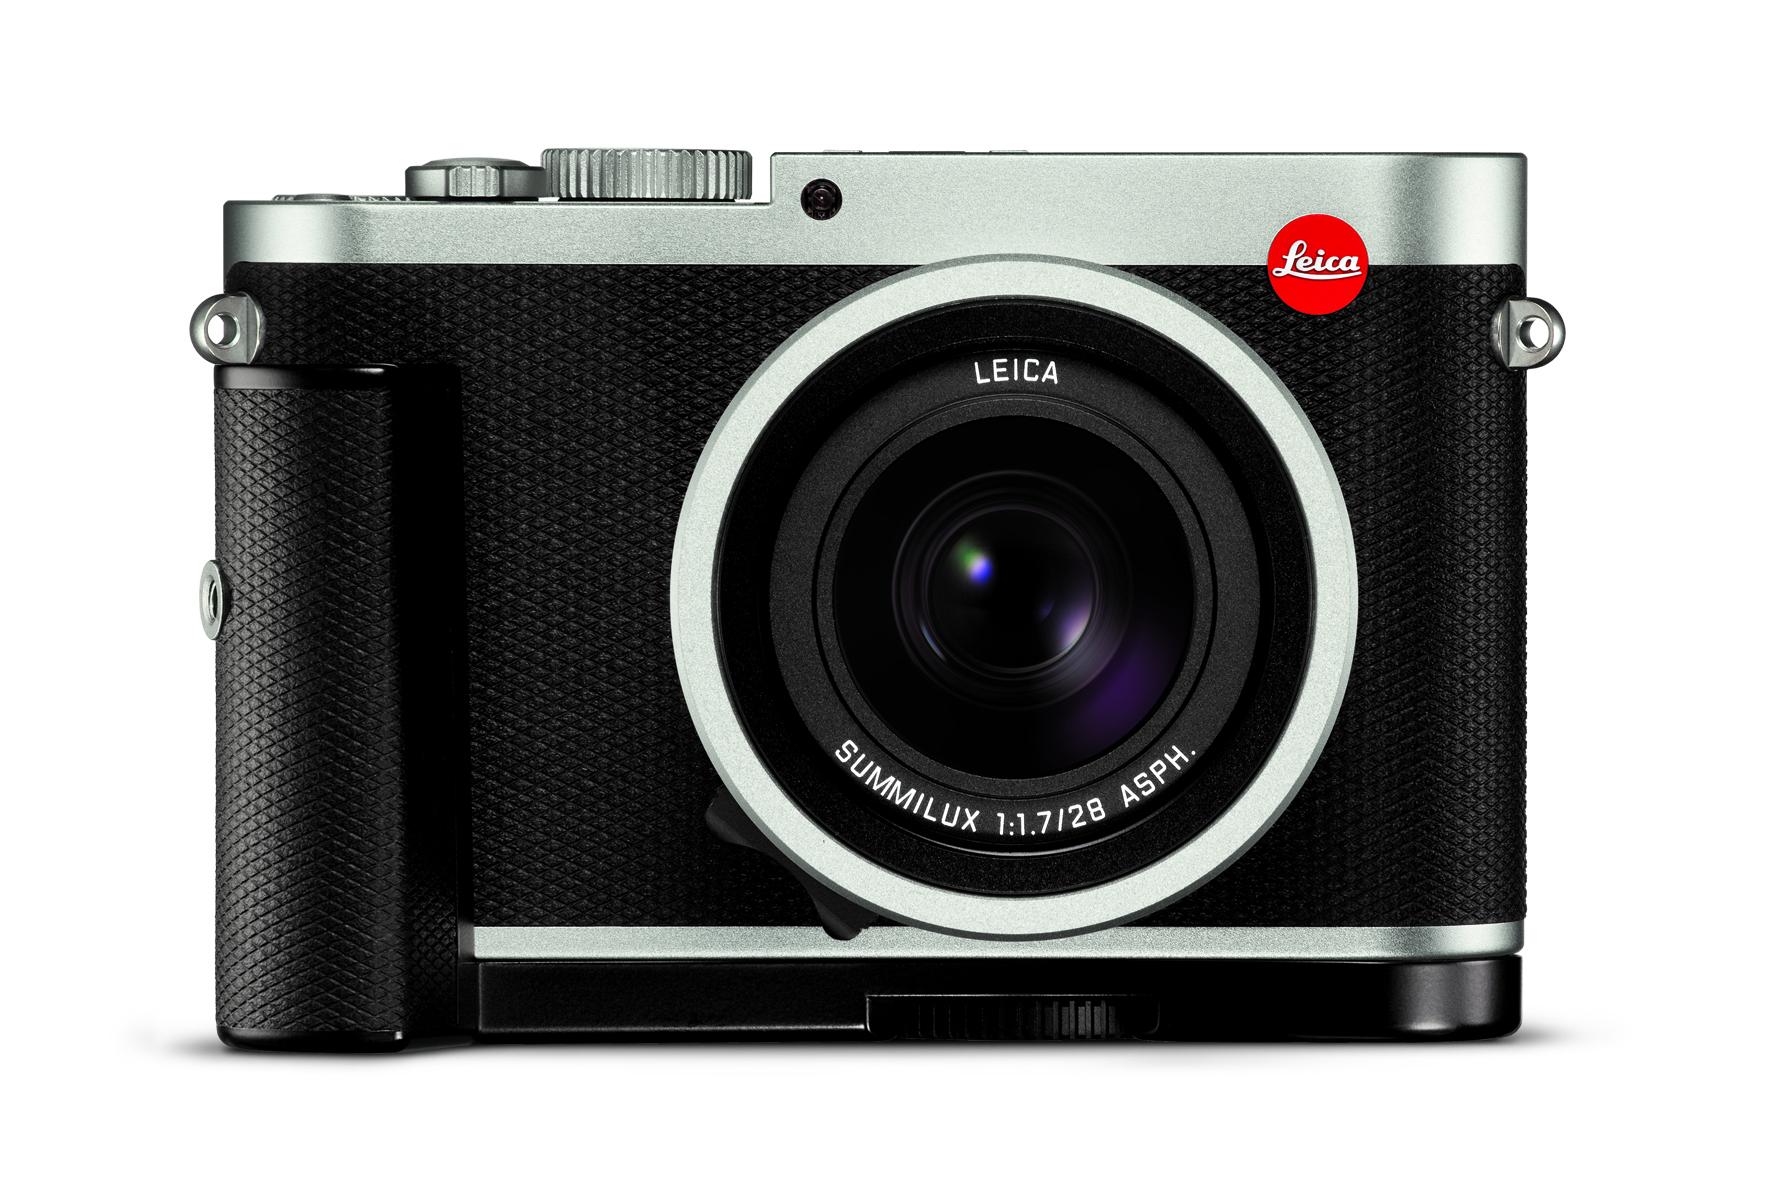 Leica Q silver_front_handgrip.jpg